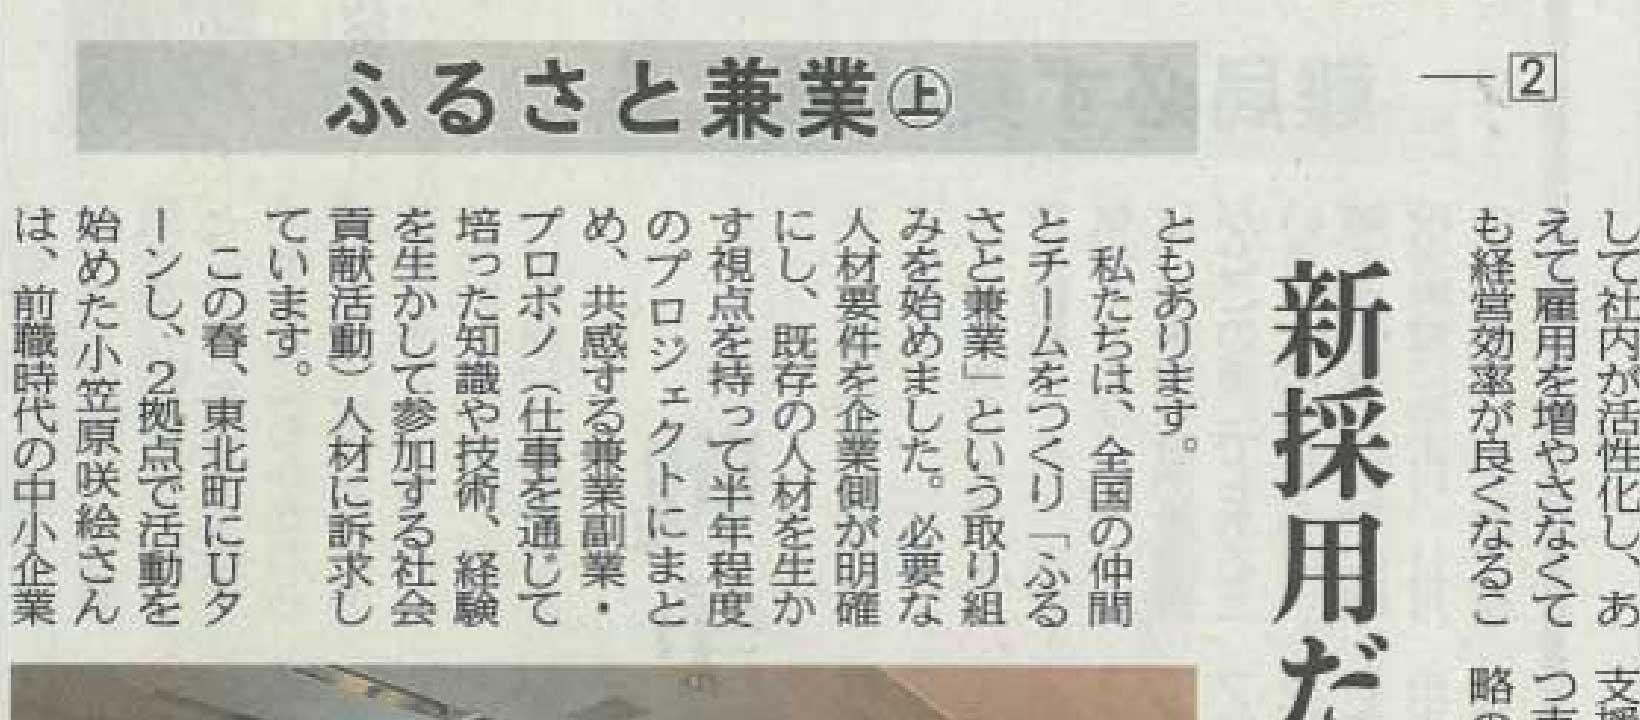 【東奥日報コラム「人材を生かす次の一歩」】第2週「社内人材を活かす一歩」